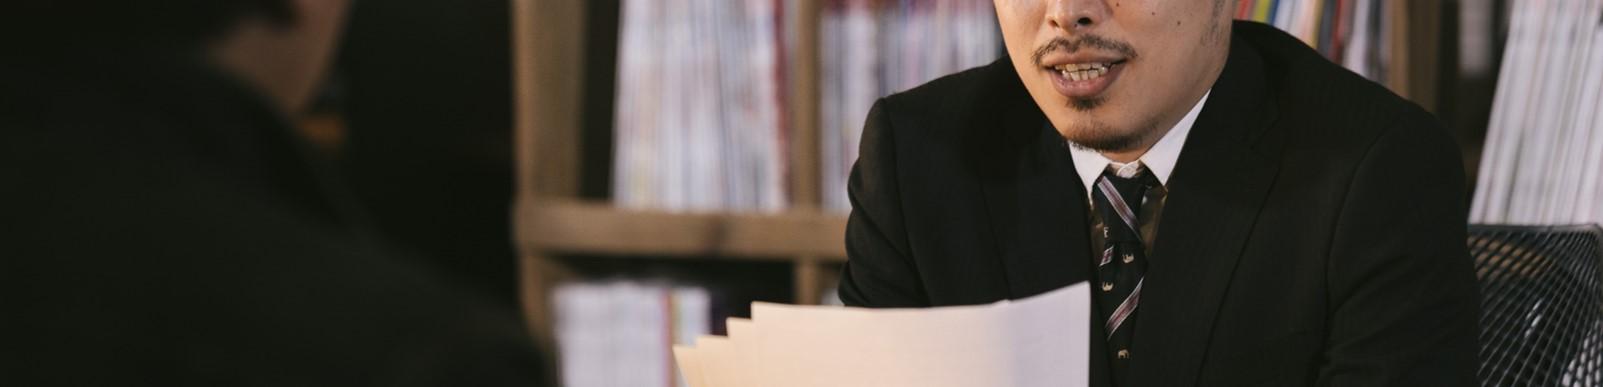 「上司の支援力」ストレス判定結果から対策へ_職場改善の教育研修例